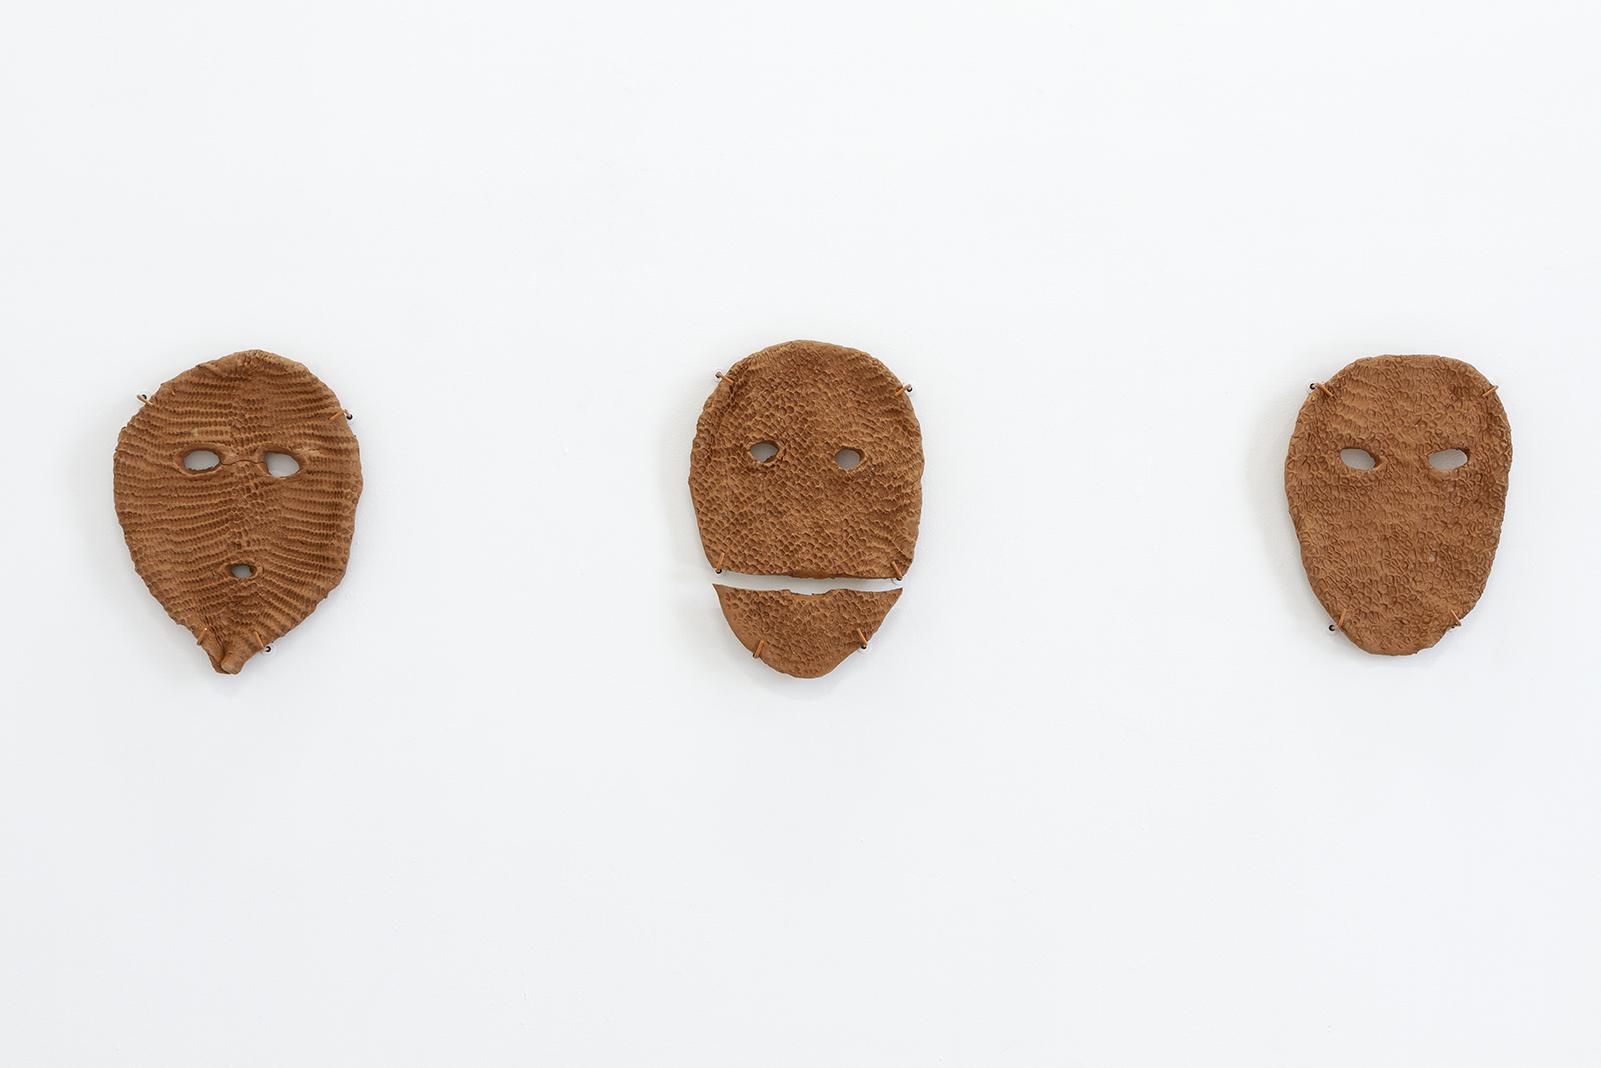 Hach Winik 1, 2  y  3 (2019) Barro Oaxaca. 30x22, 33x23 y 32x25 cm